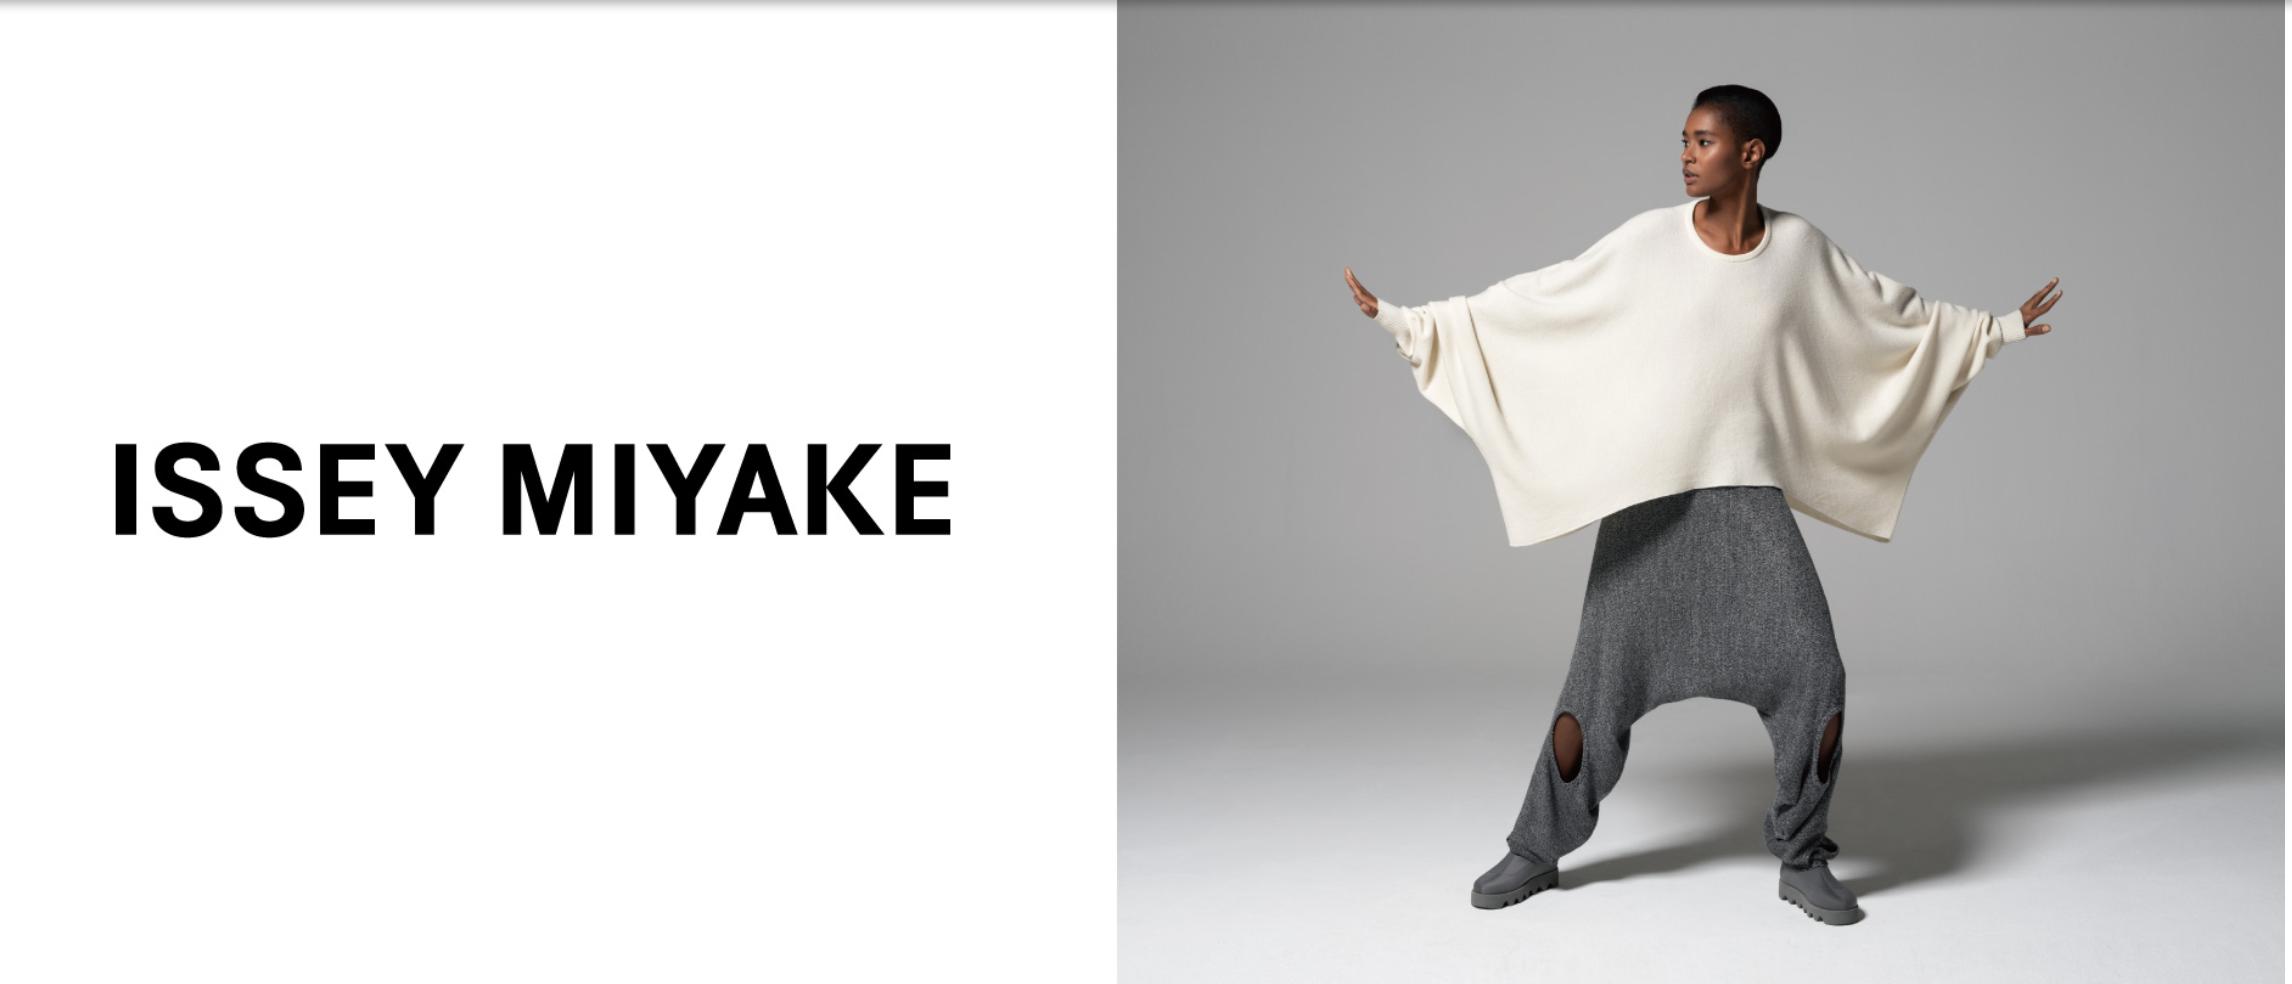 匈牙利设计师品牌 Nanushka 的母公司以600万欧元收购意大利新锐品牌 Sunnei 多数股权